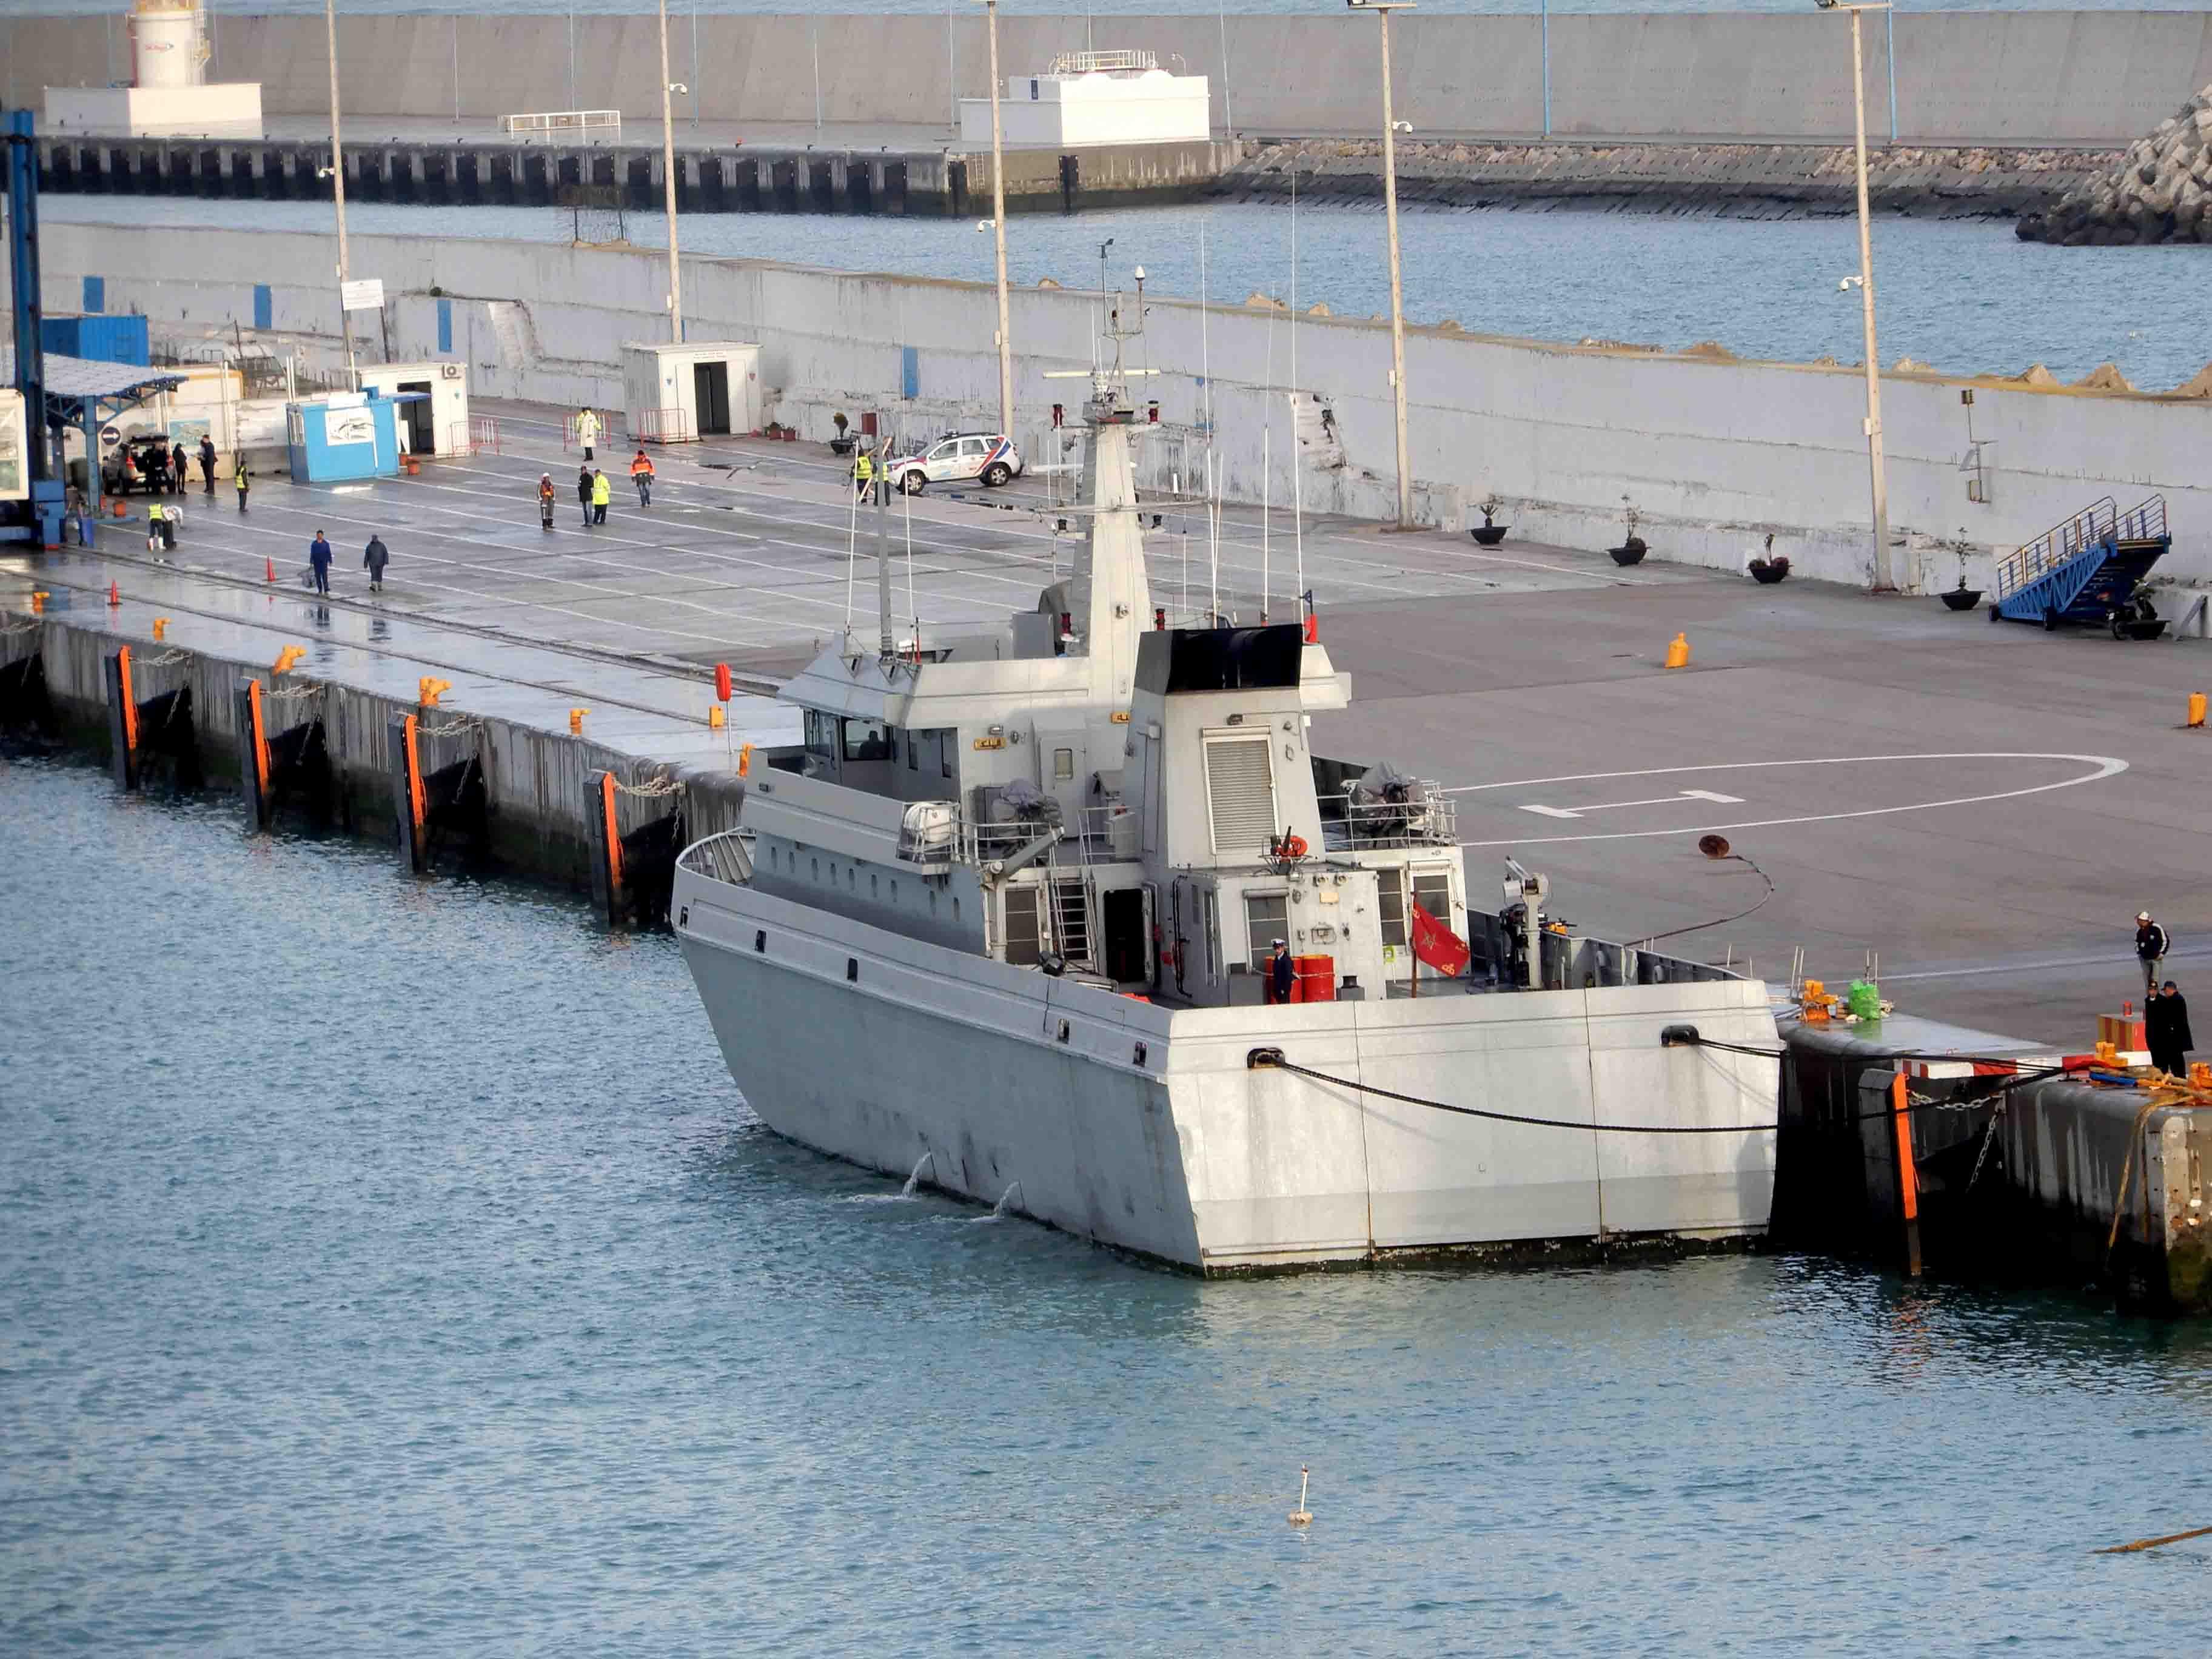 Royal Moroccan Navy Patrol Boats / Patrouilleurs de la Marine Marocaine - Page 13 2846969